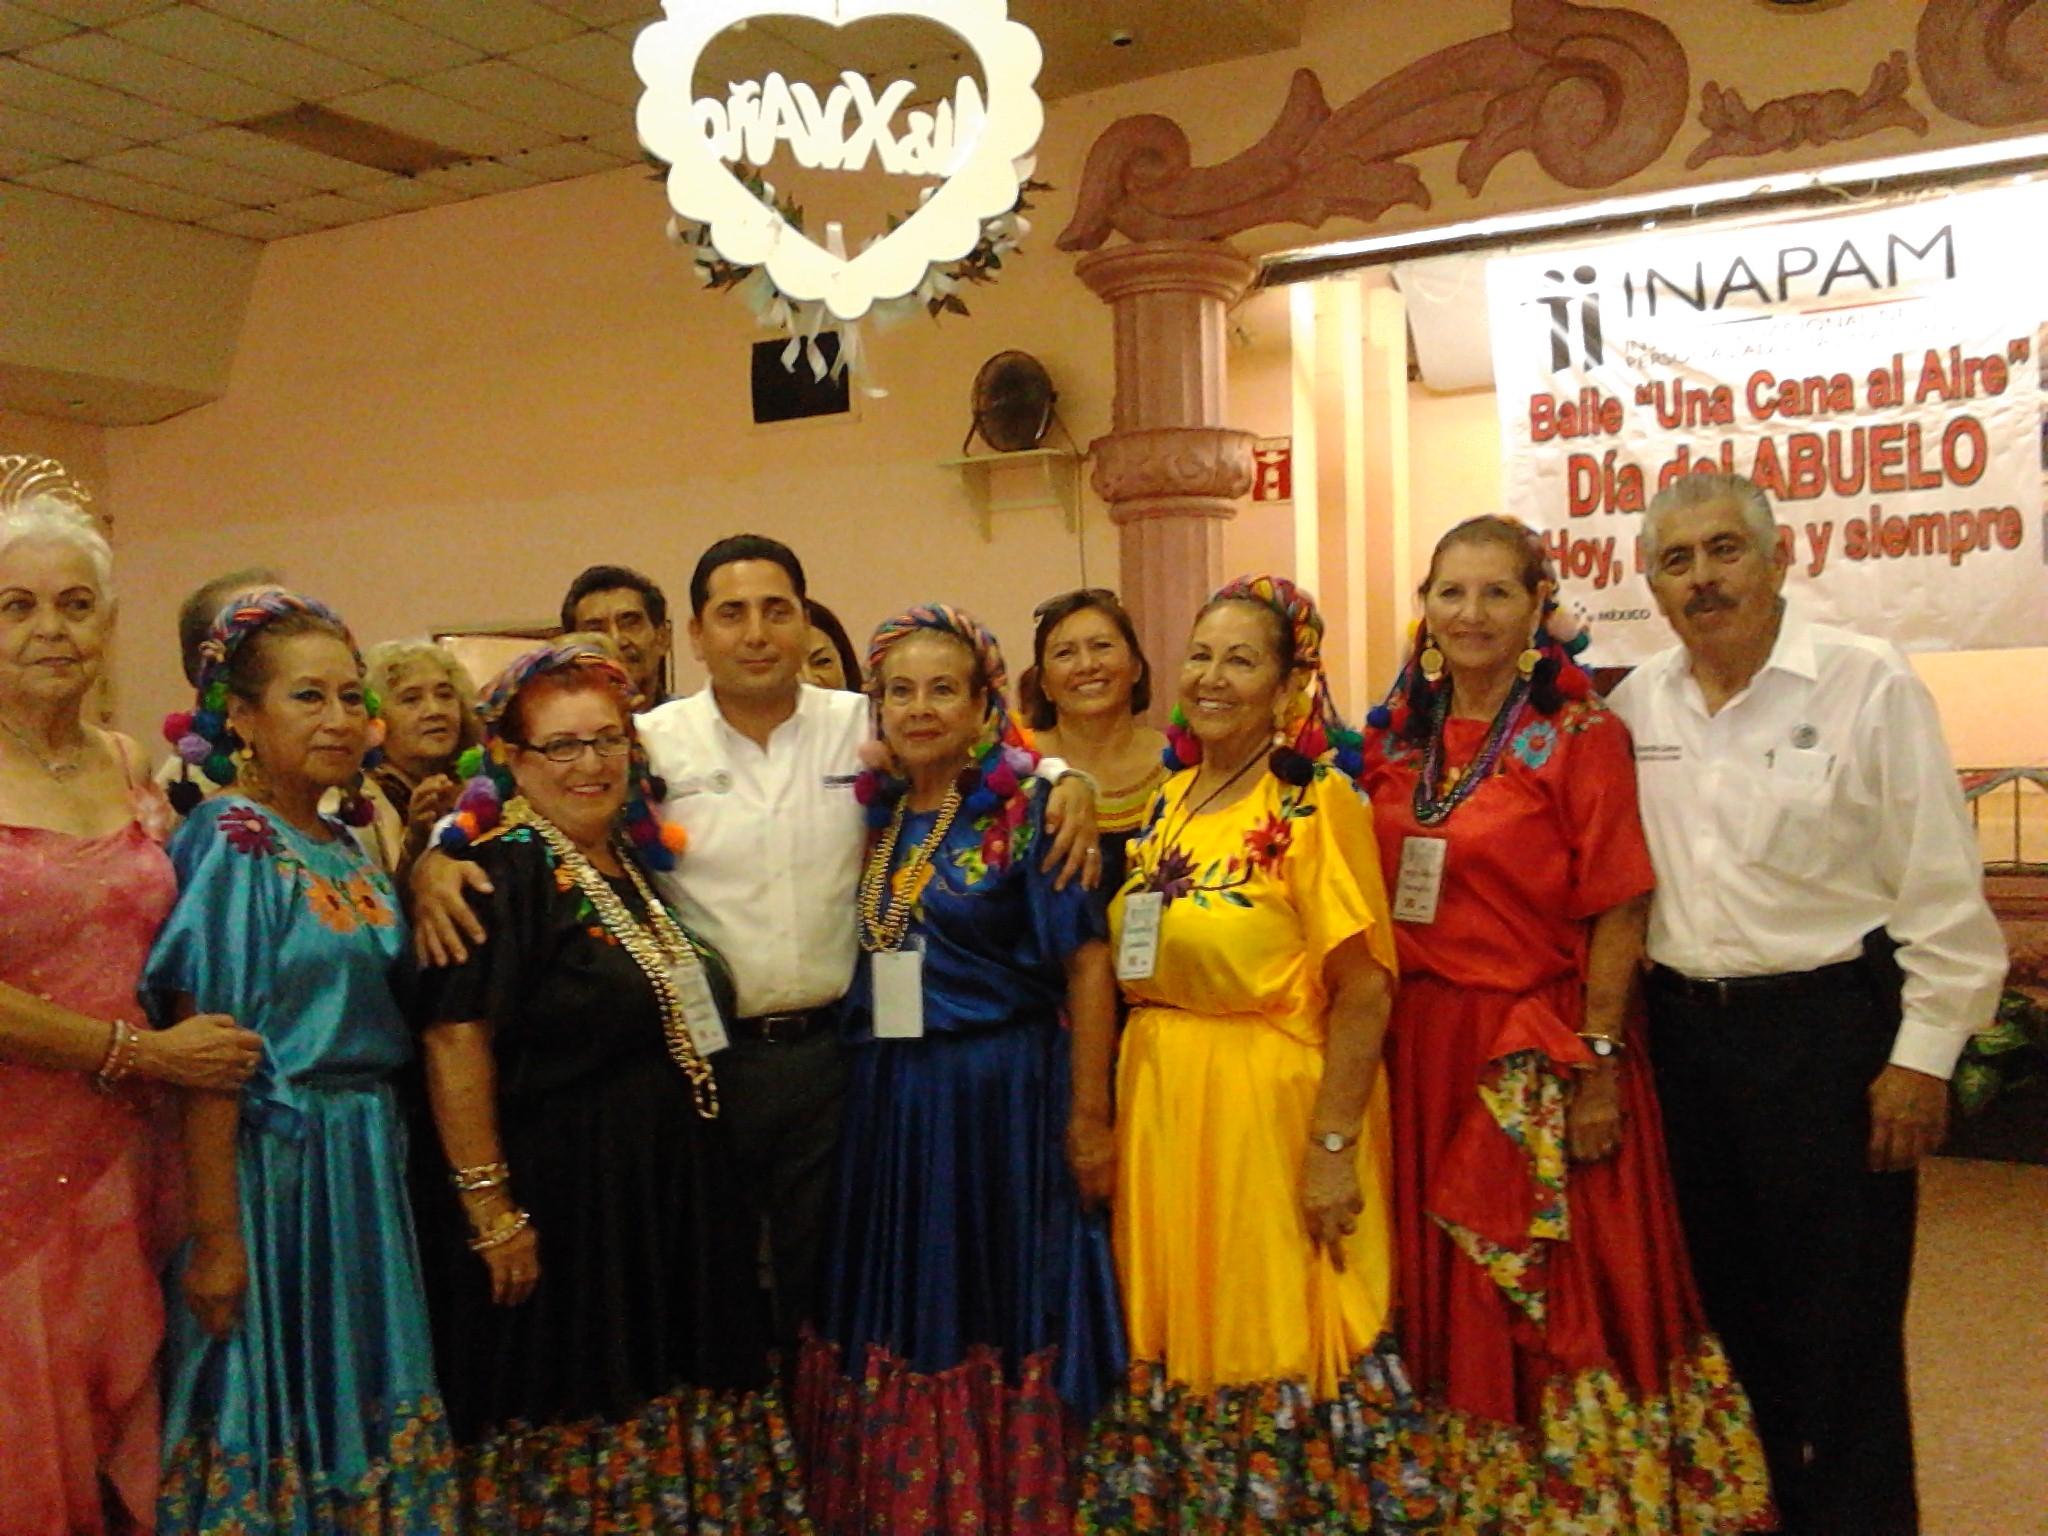 Realizan el Inapam  baile para abuelitos